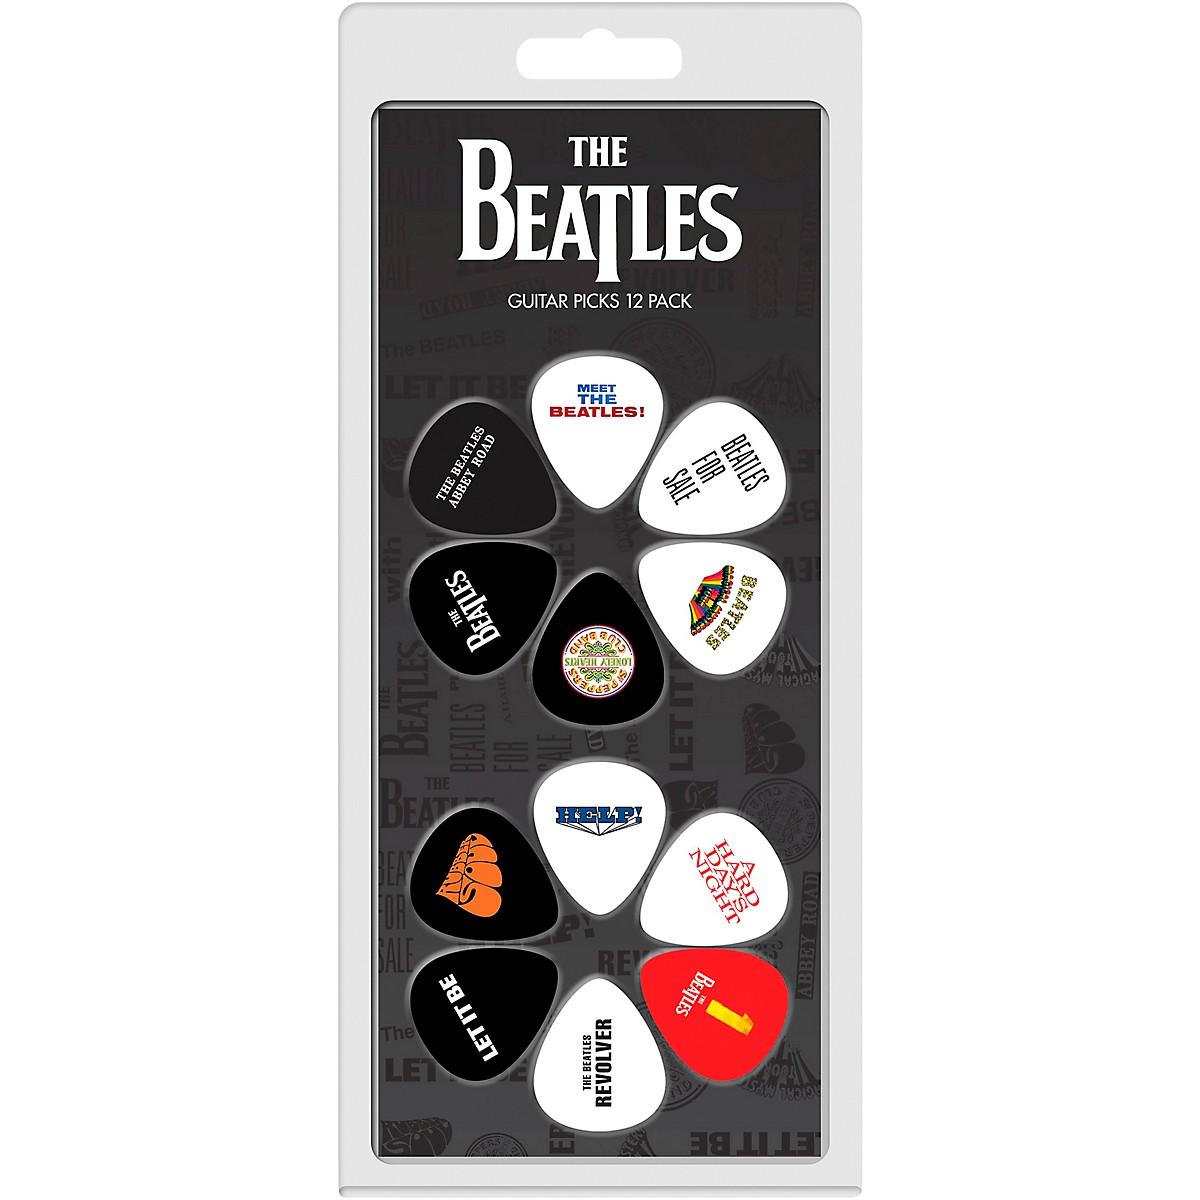 Perri's The Beatles - 12-Pack Guitar Picks